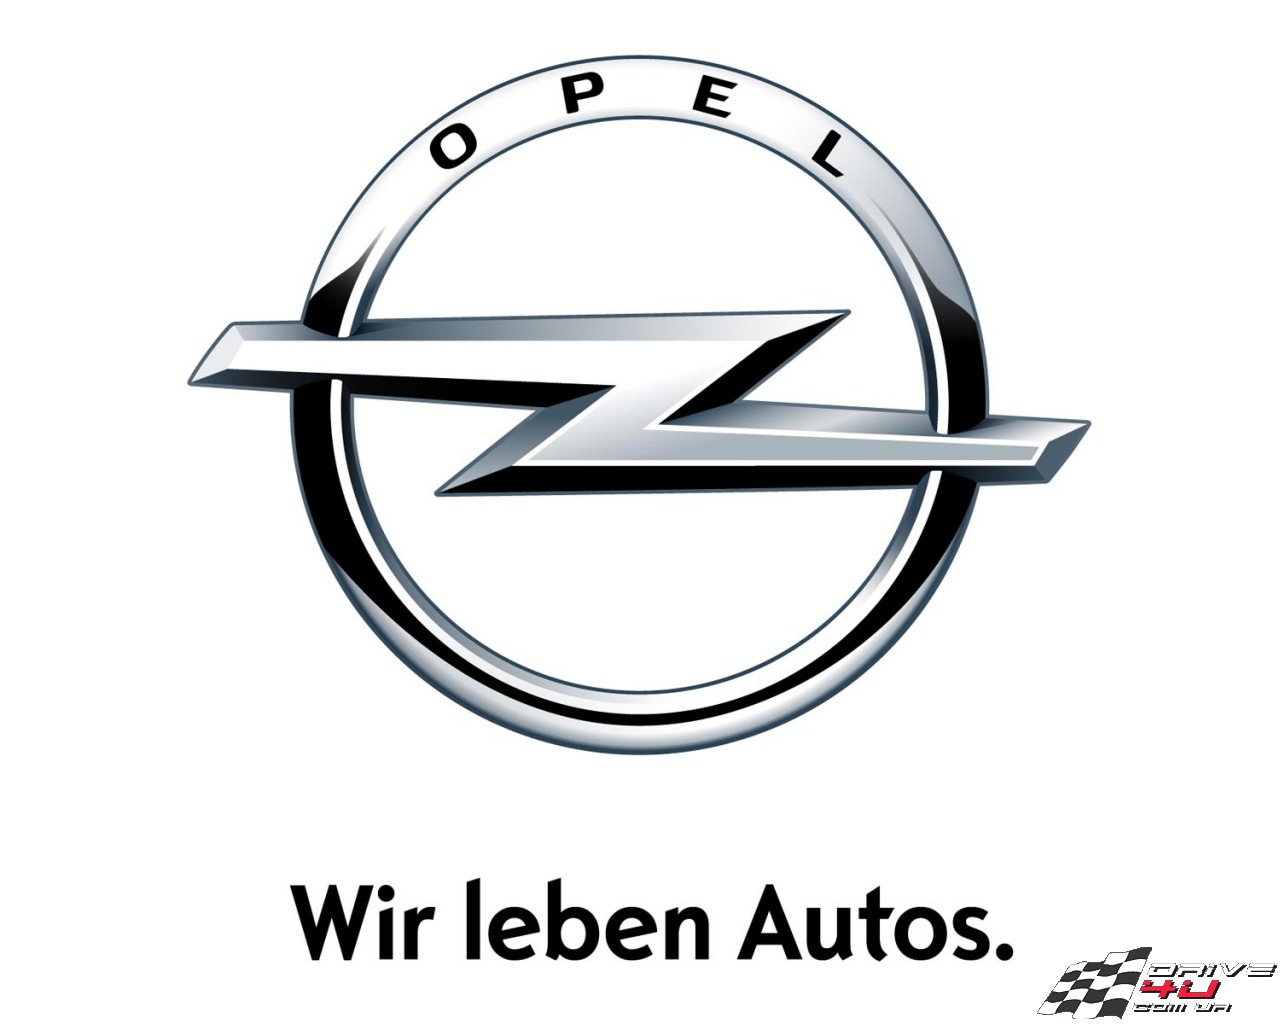 opel logo [ 1280 x 1024 Pixel ]